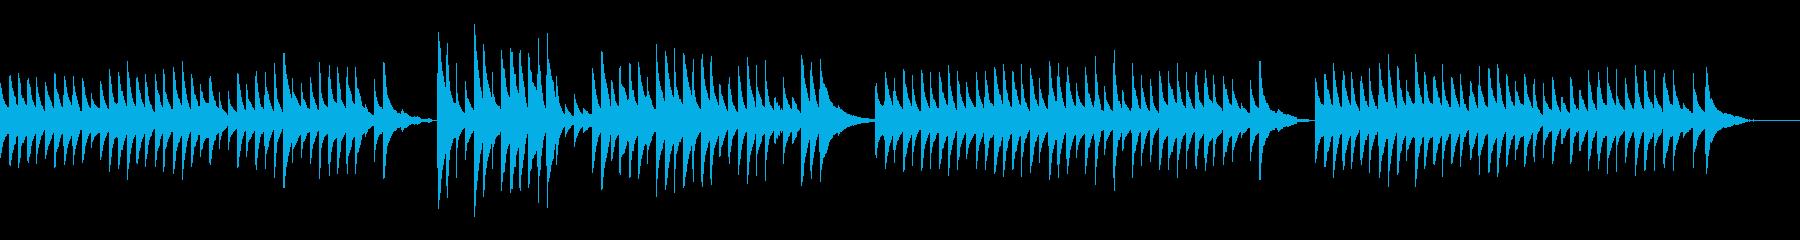 クラシックギターの調べ~ラグリマ~の再生済みの波形